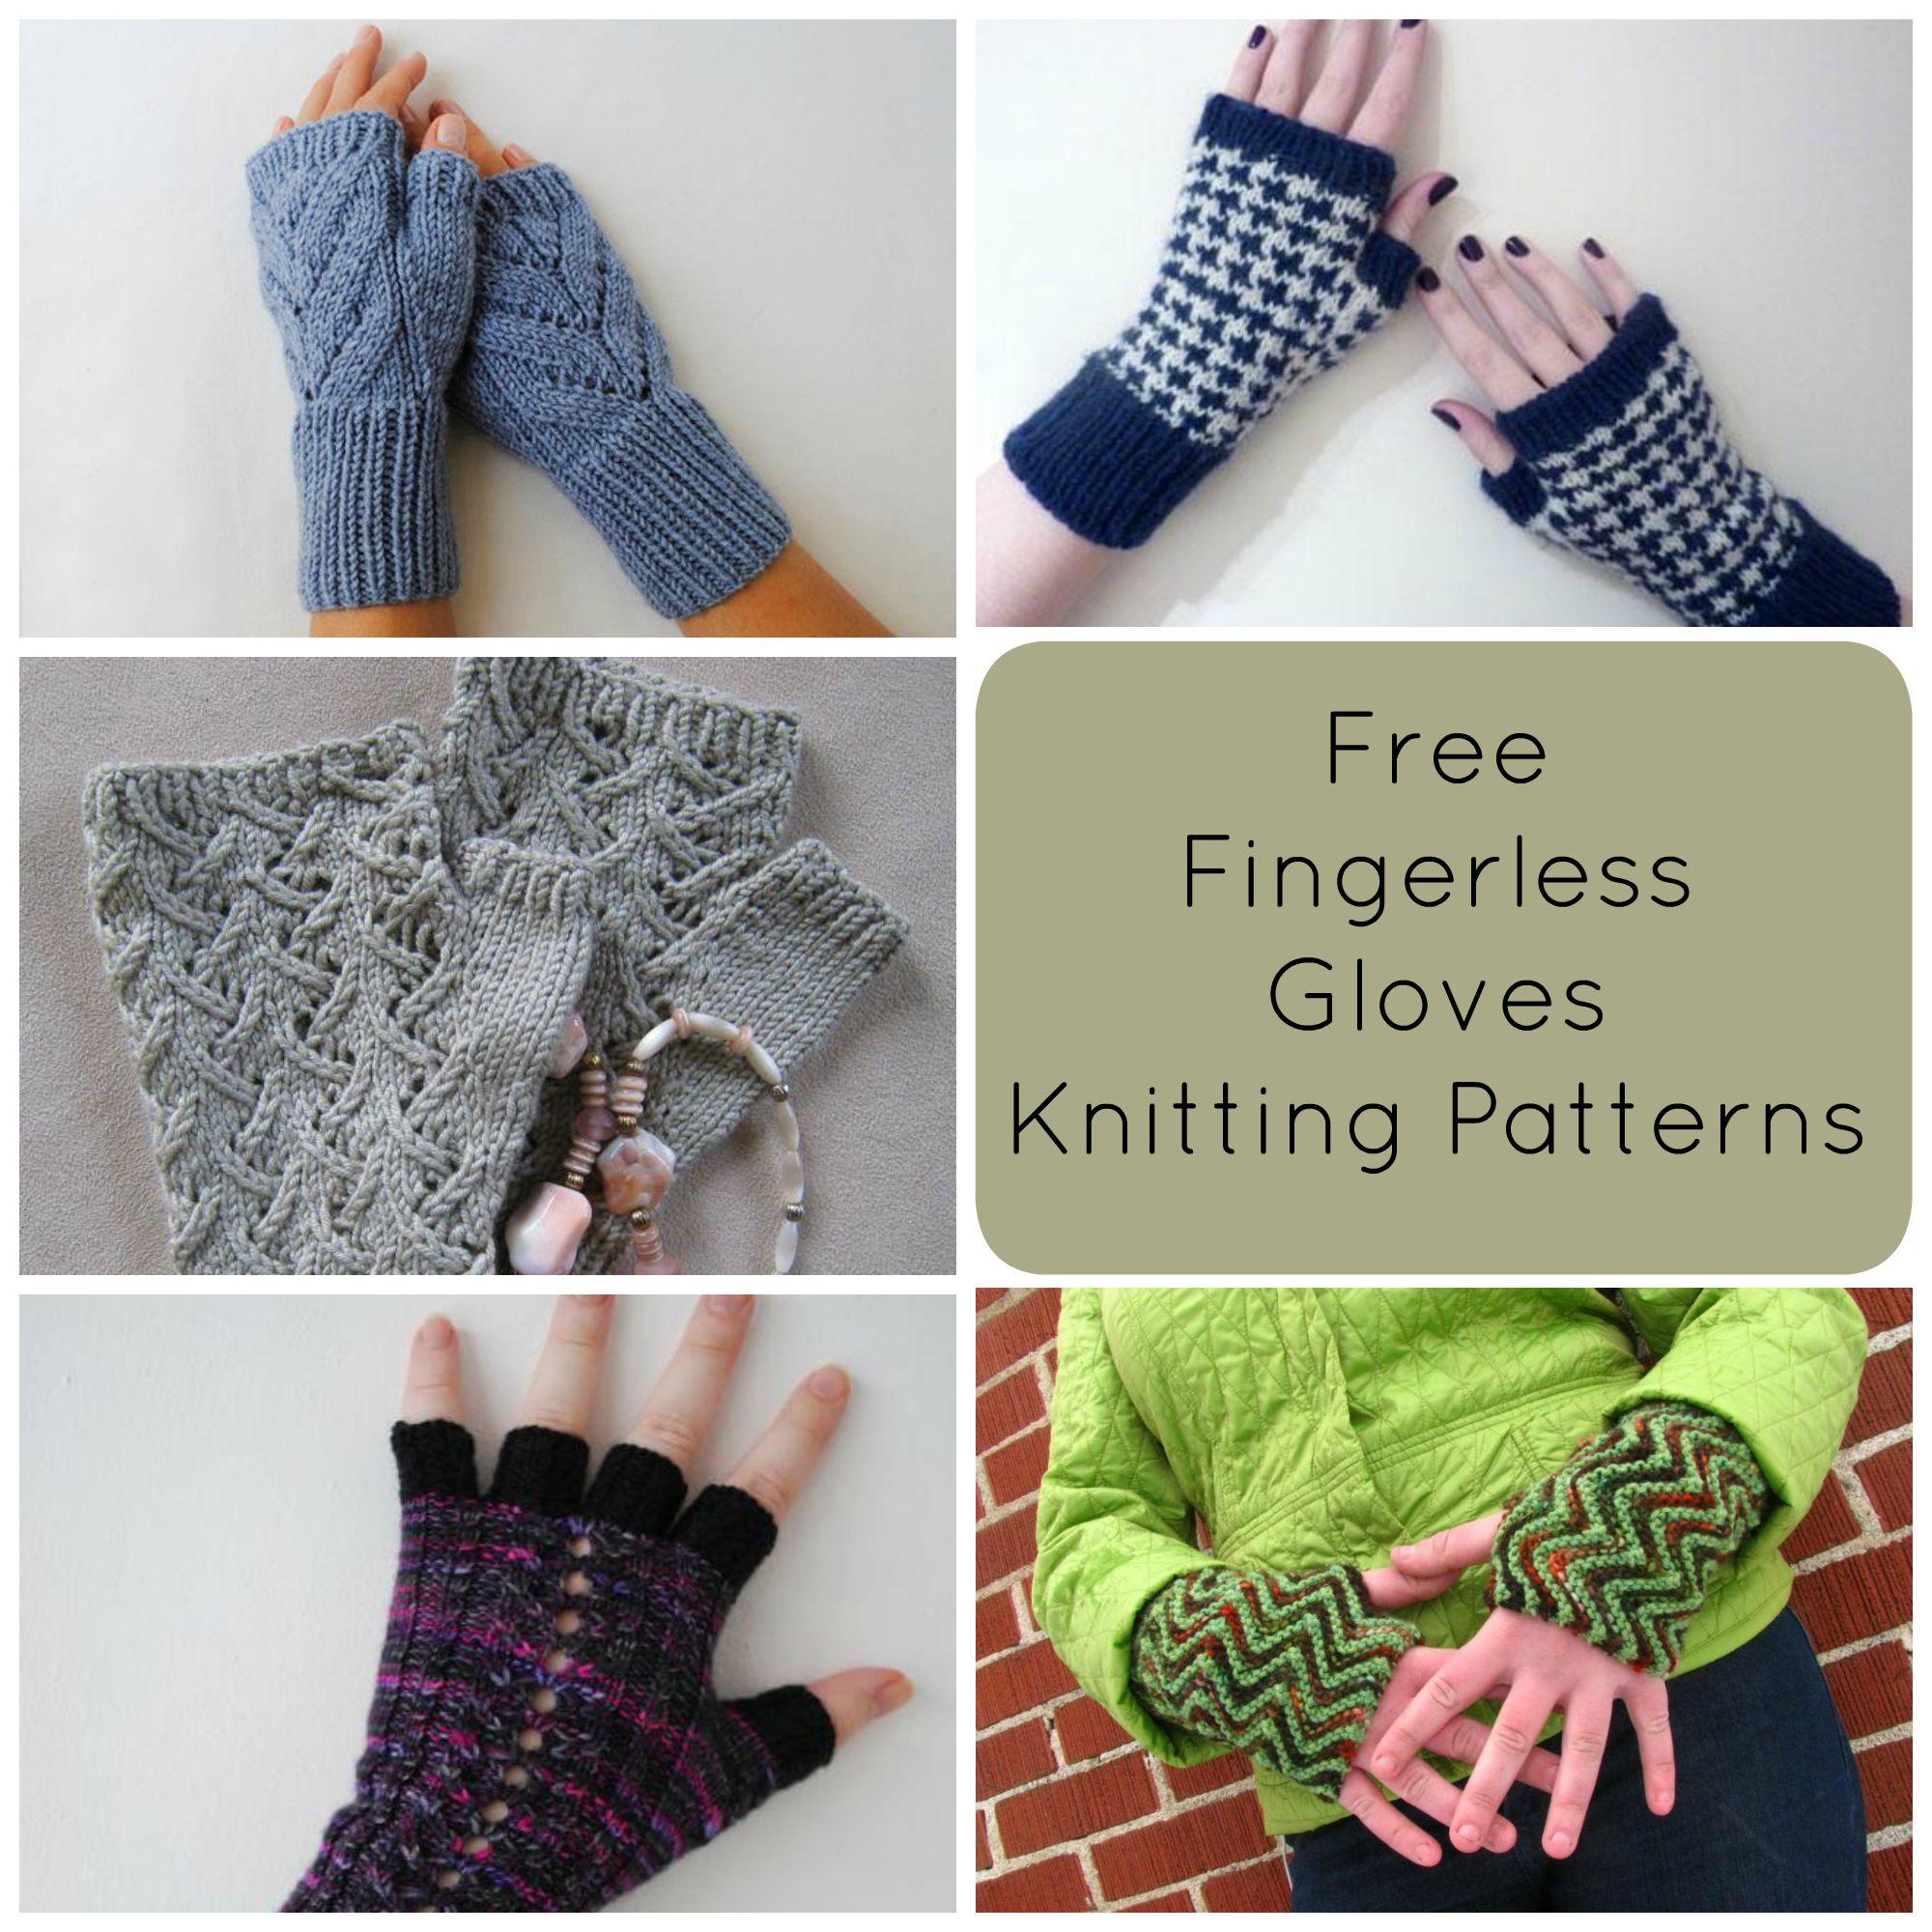 knitted fingerless gloves free fingerless gloves knitting patterns SMAHNTH